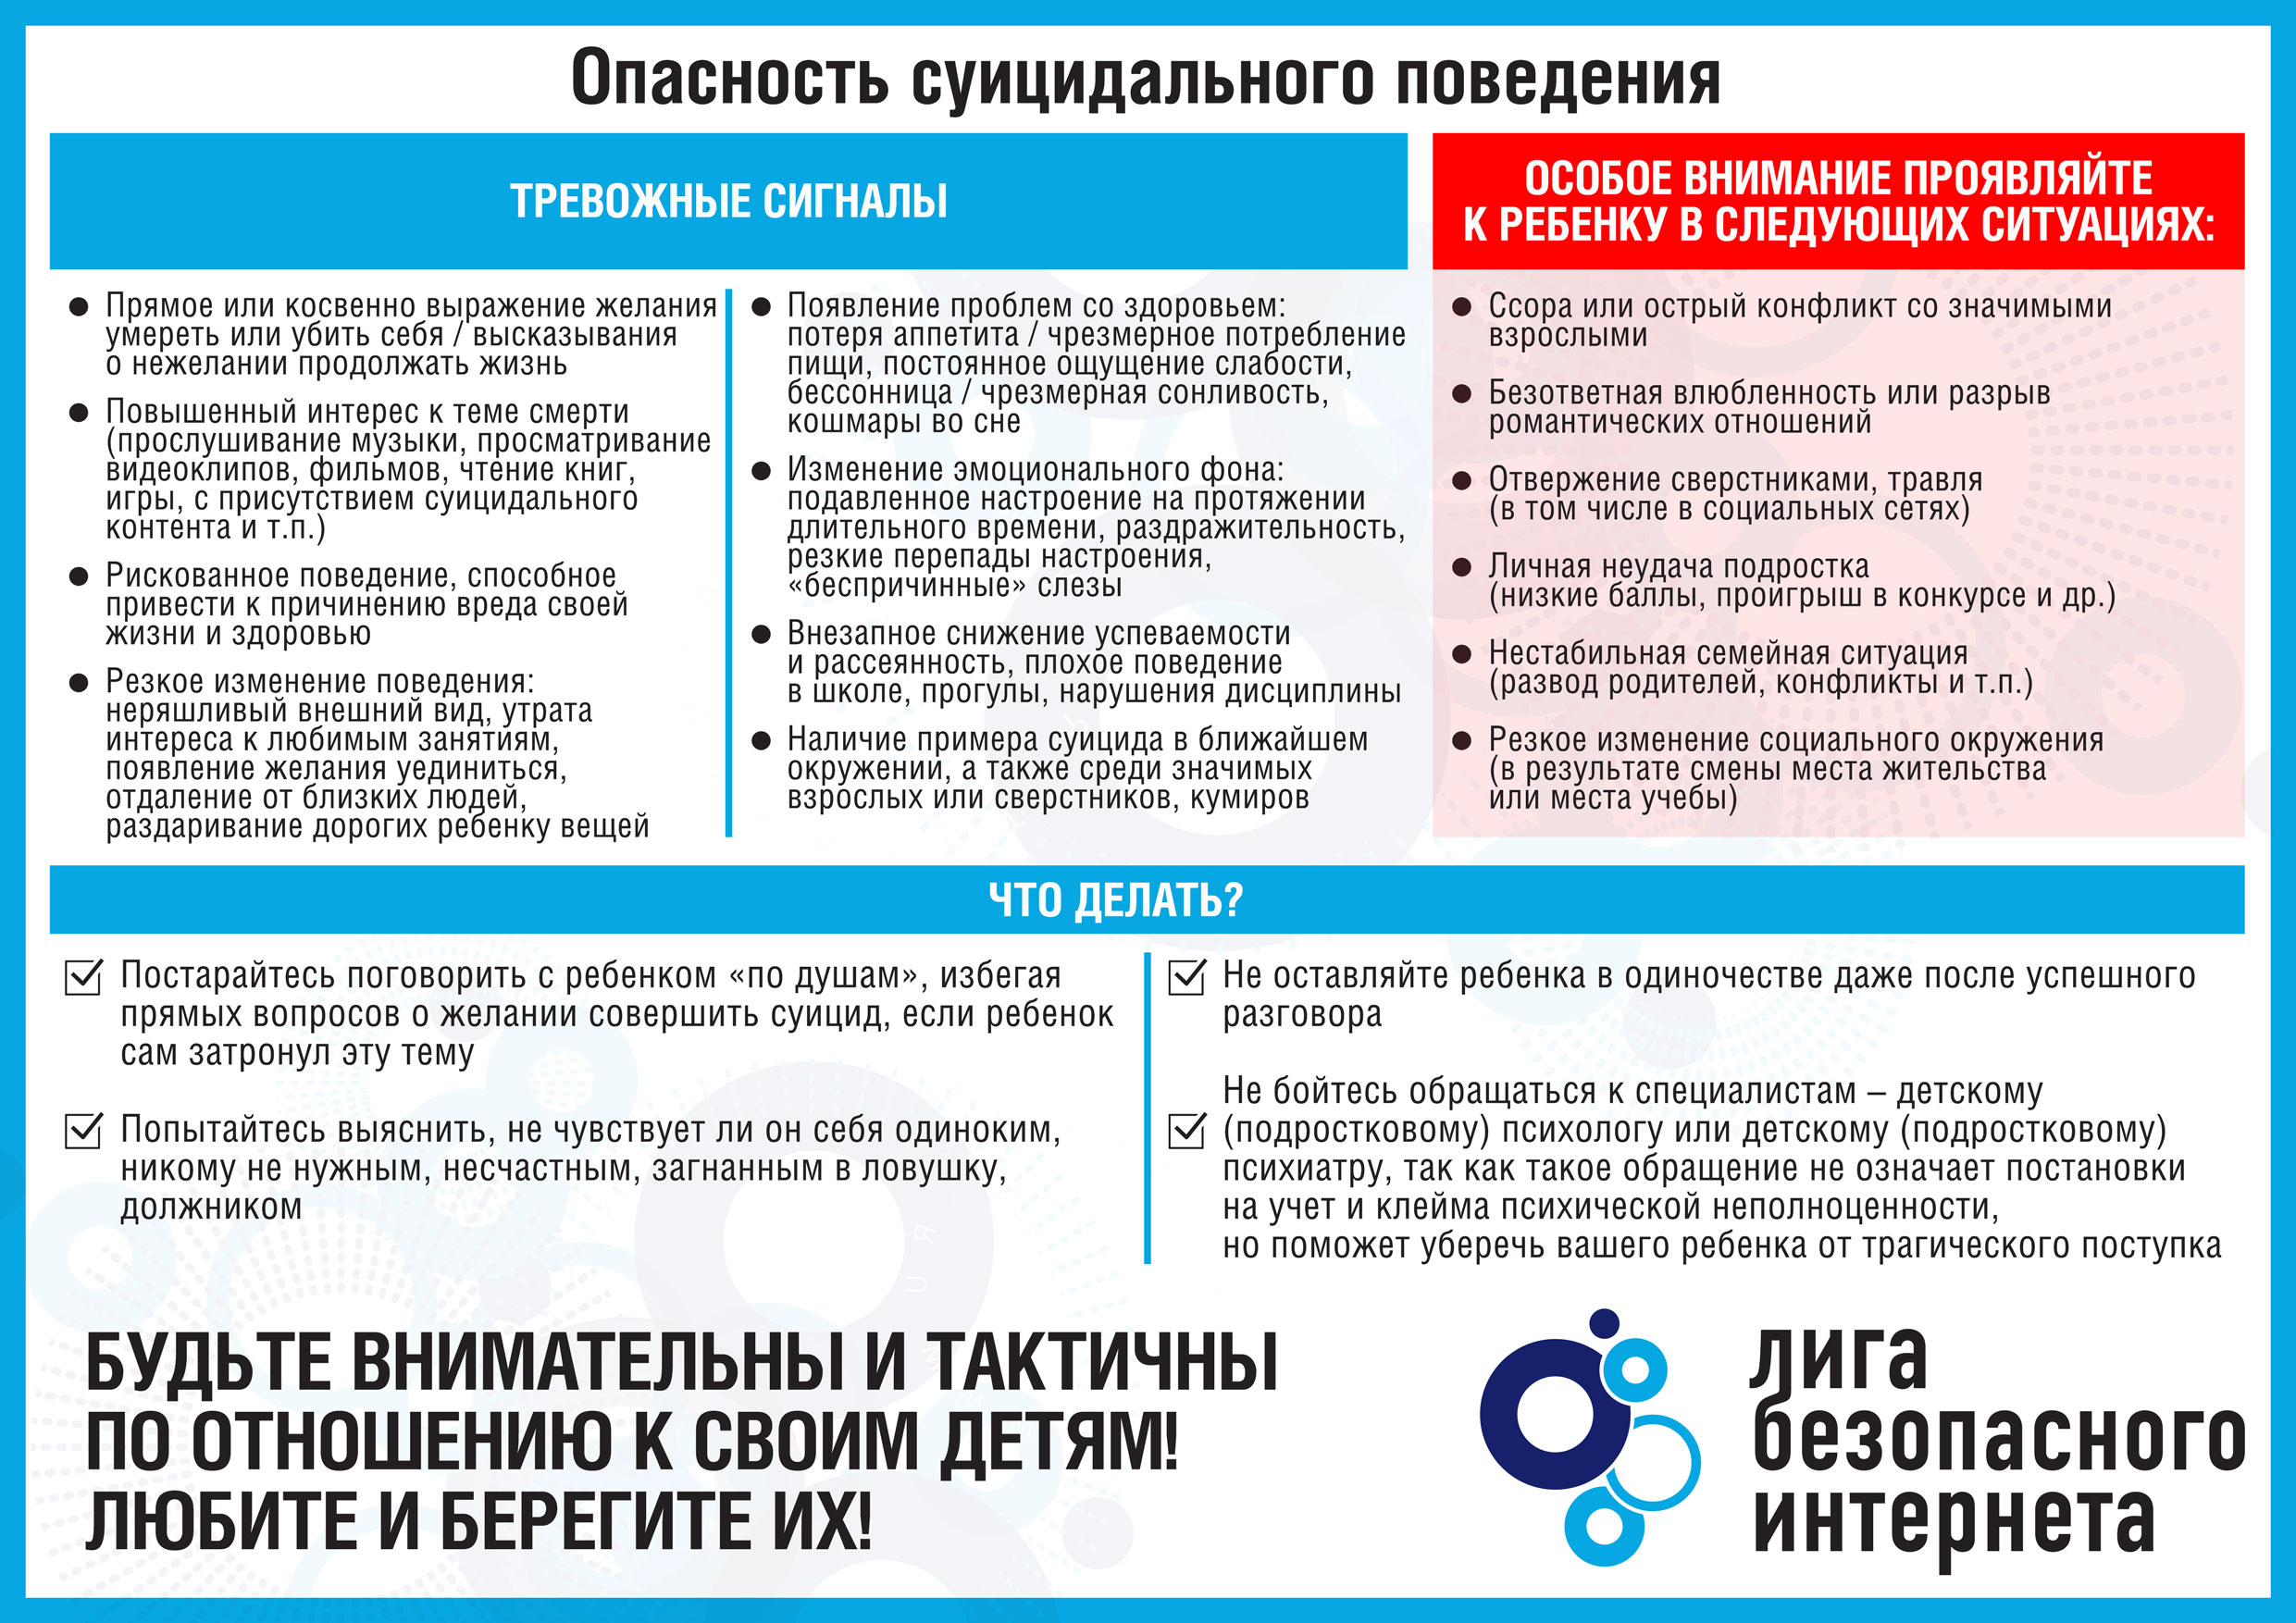 г москва конгресс детских инфекционистов 2018г программа